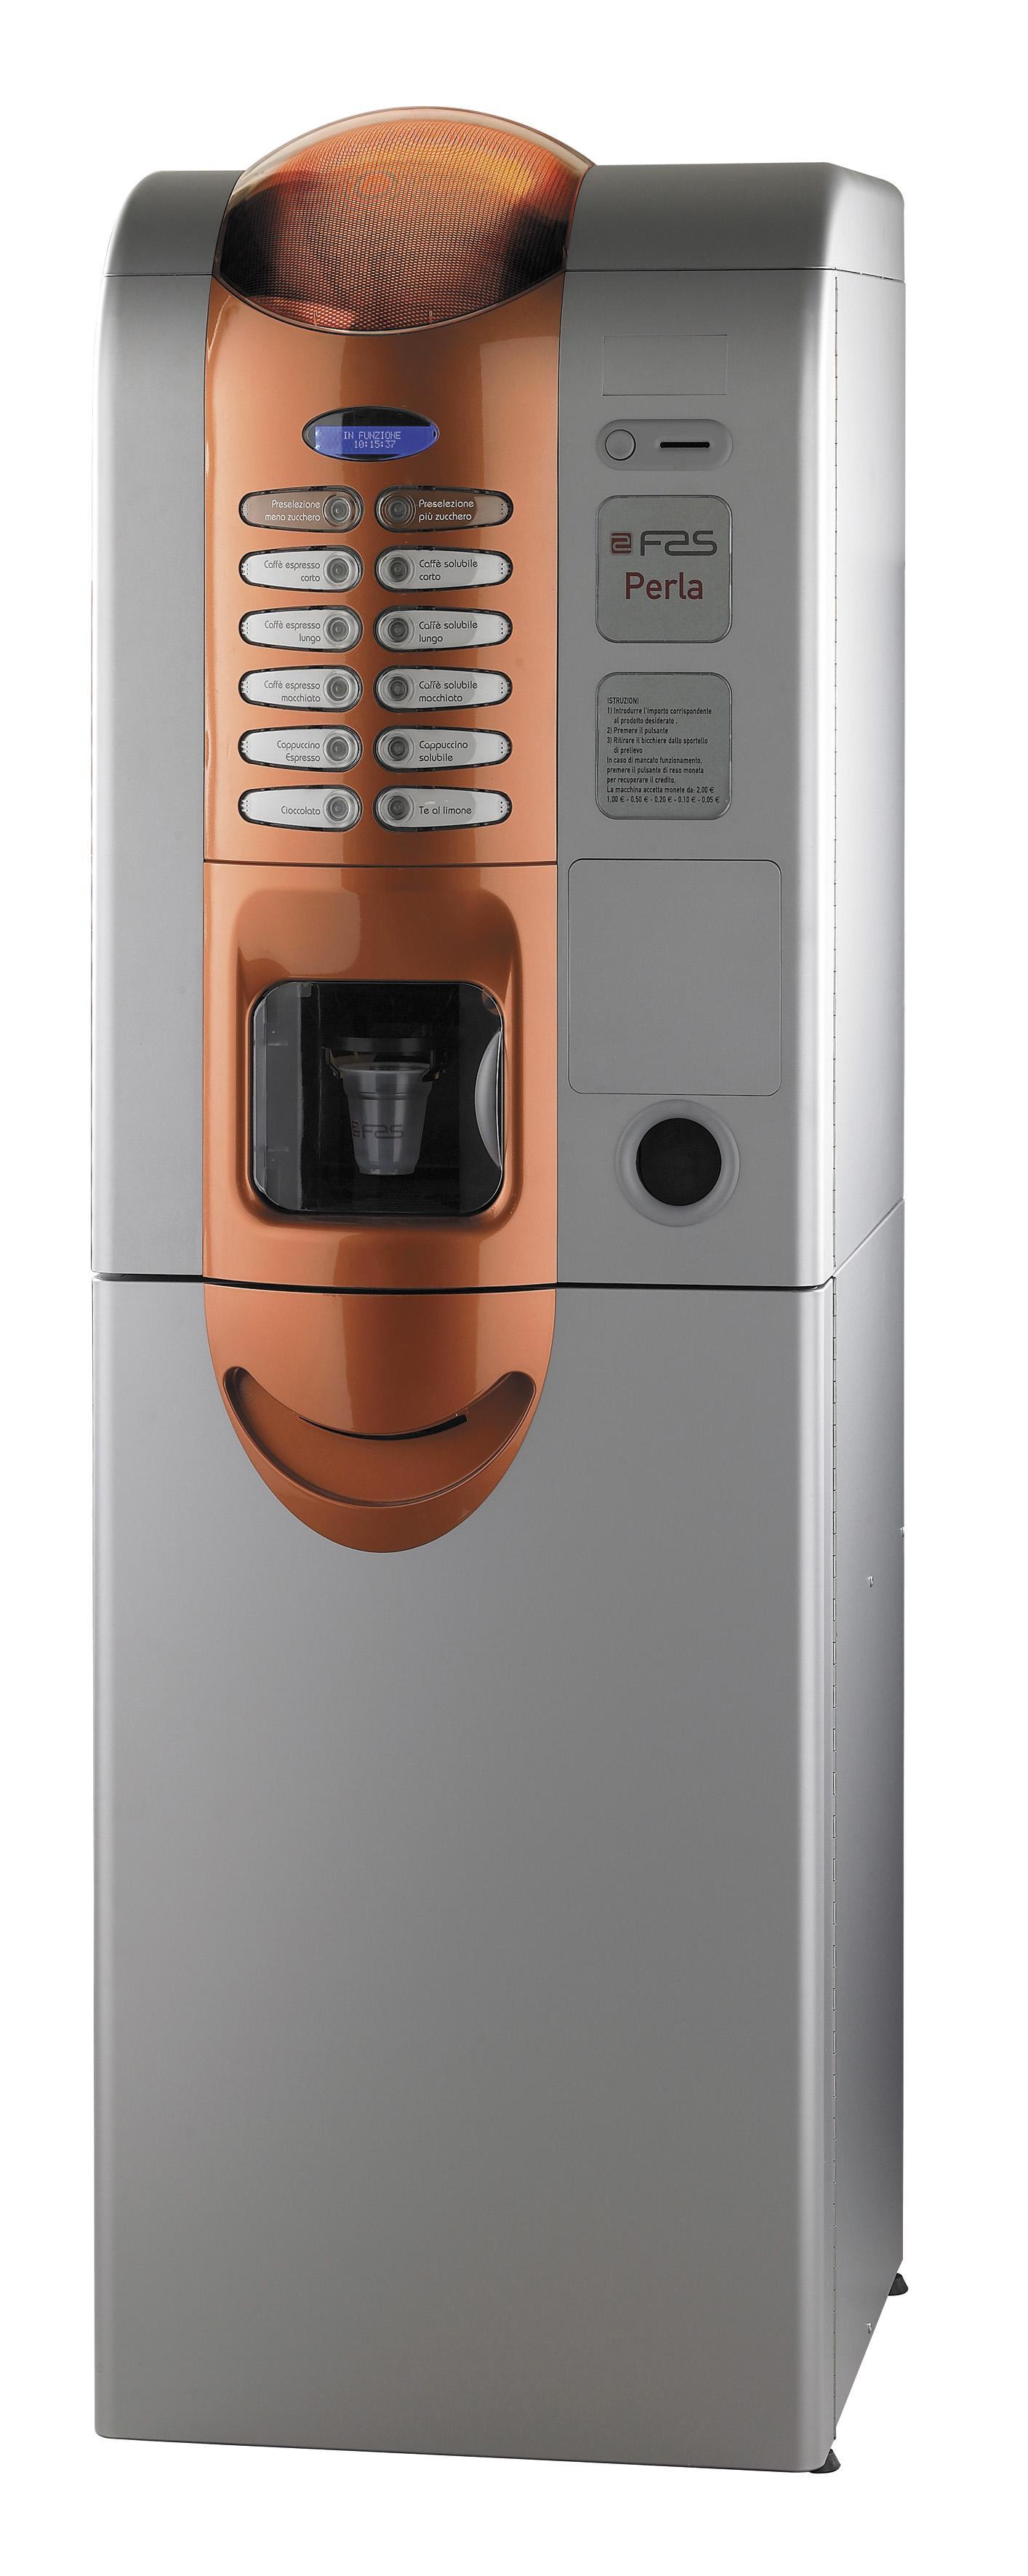 Automat de Cafea Perla - FAS